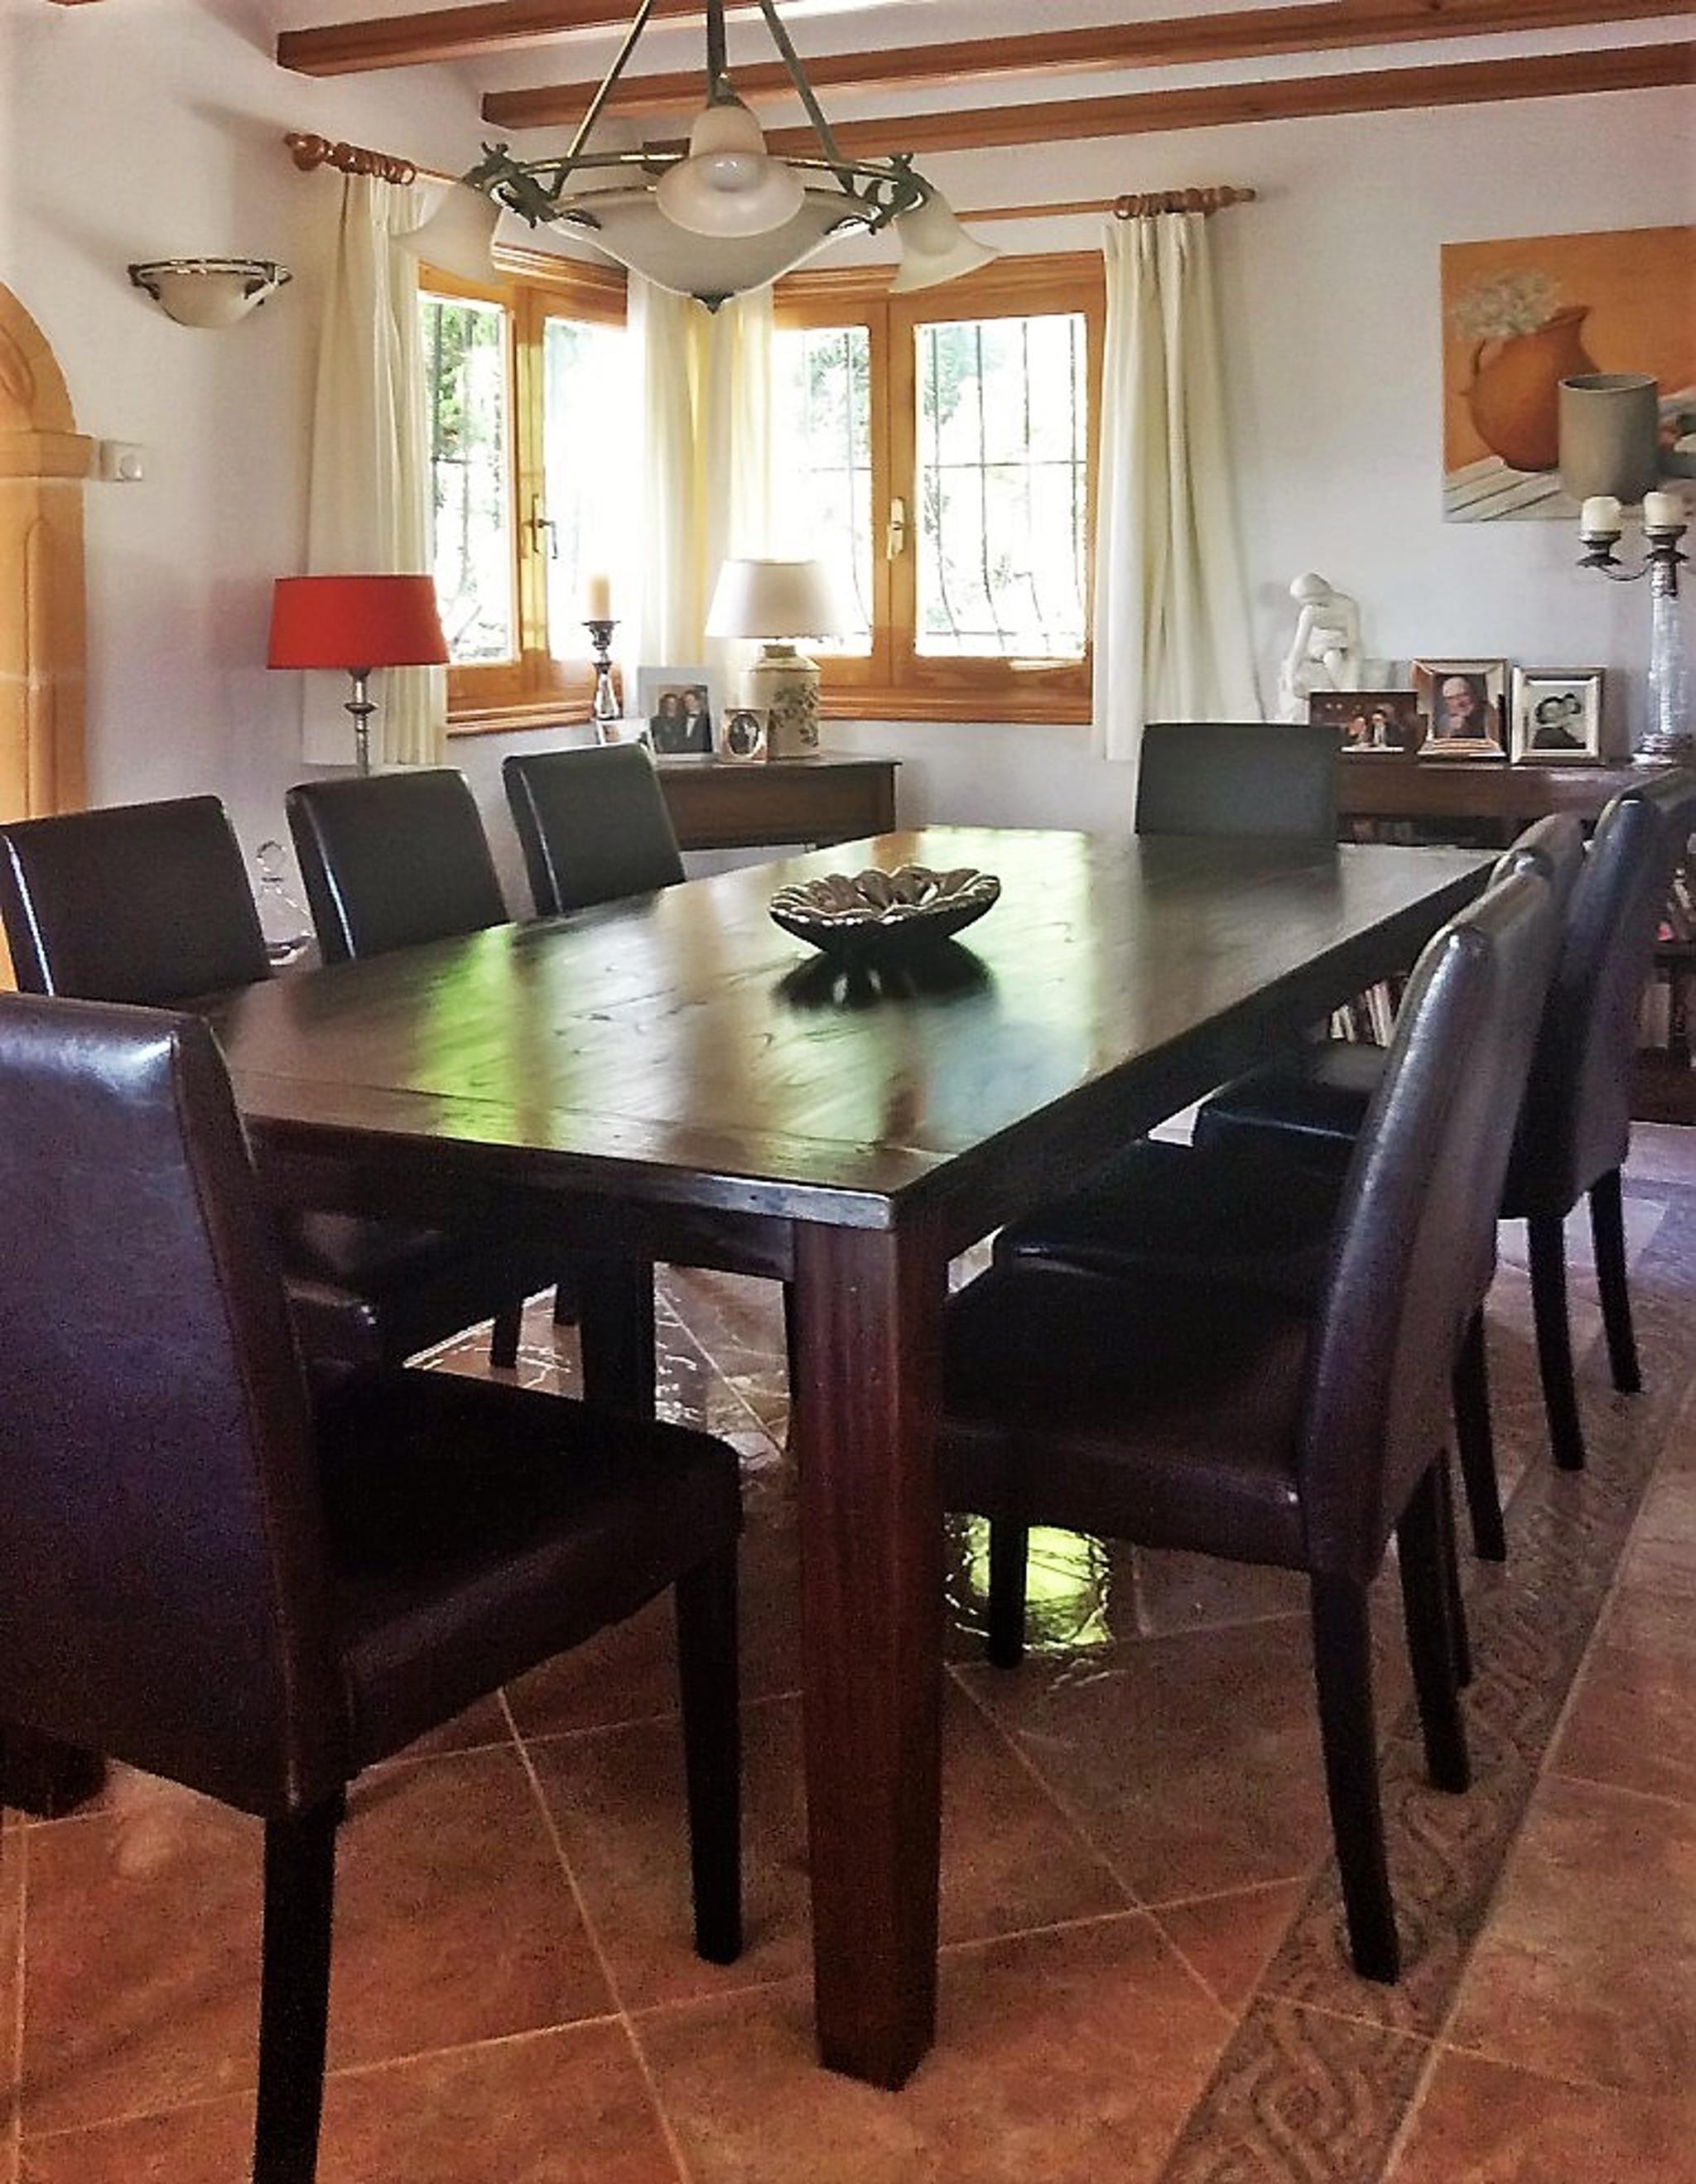 Ferienhaus Geräumige Villa mit fünf Schlafzimmer in Javea mit möblierter Terrasse, Pool und toller Au (2201168), Jávea, Costa Blanca, Valencia, Spanien, Bild 7